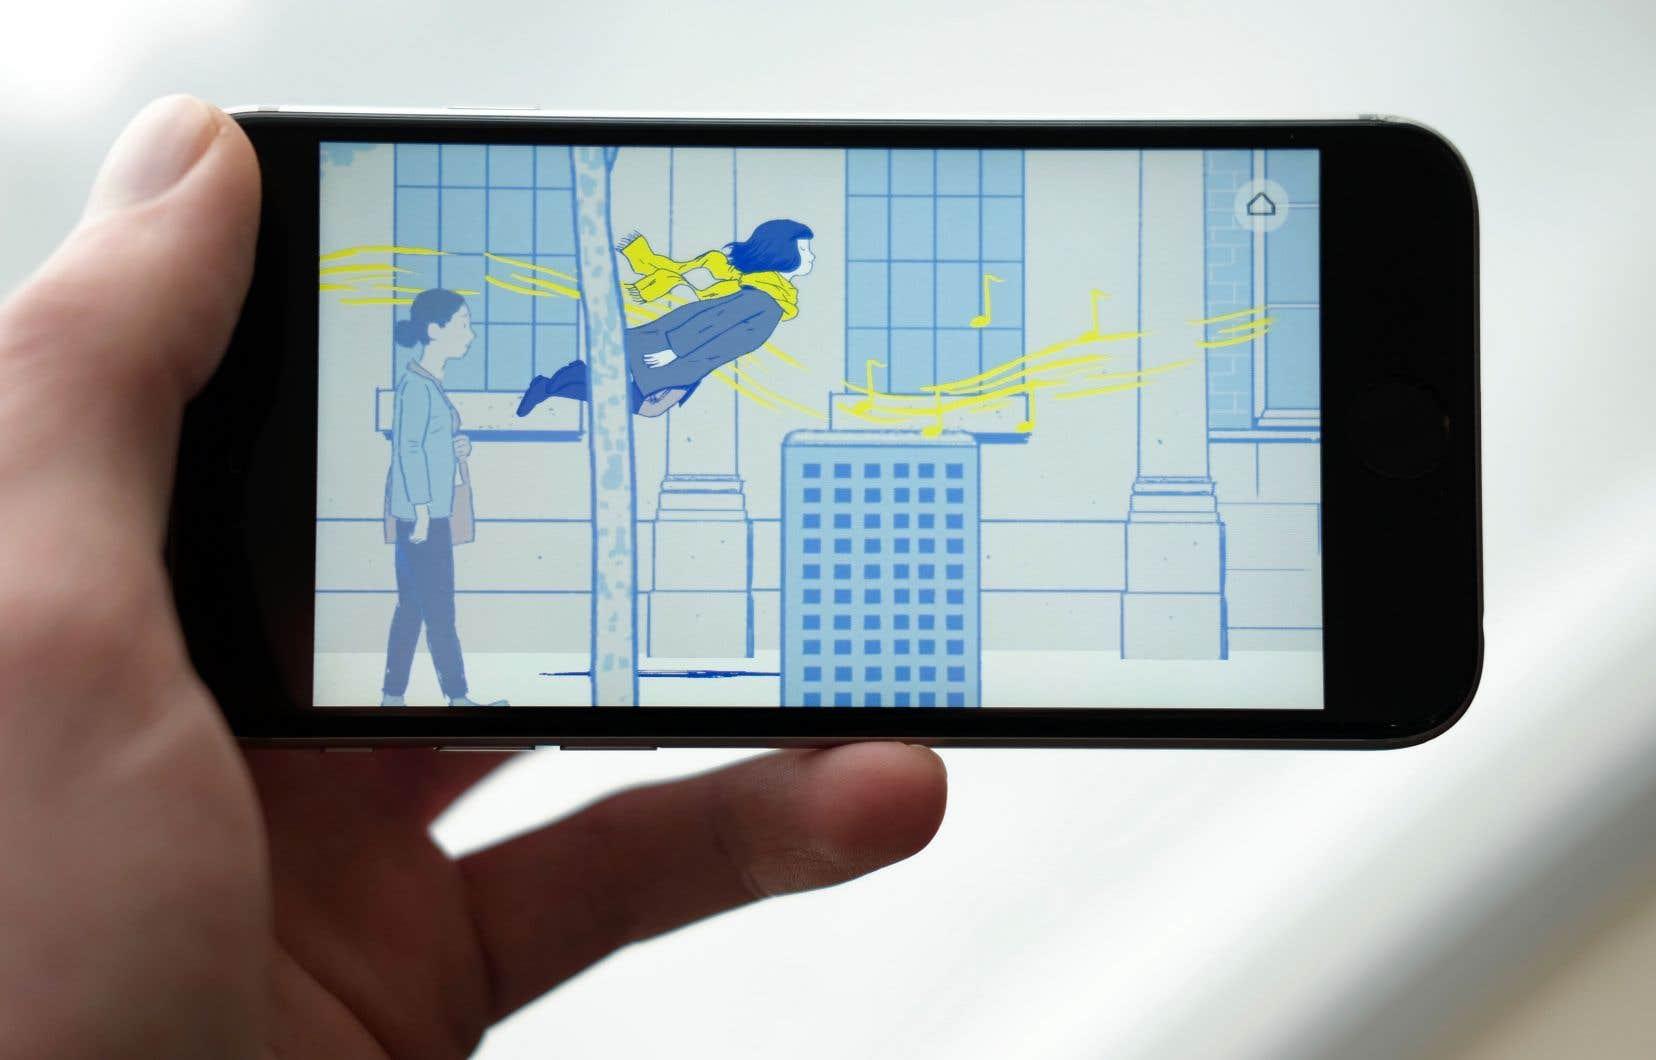 Cadeau des designers de «Monument Valley», «Florence» s'apparente plus à une bande dessinée interactive qu'à un jeu proprement dit.